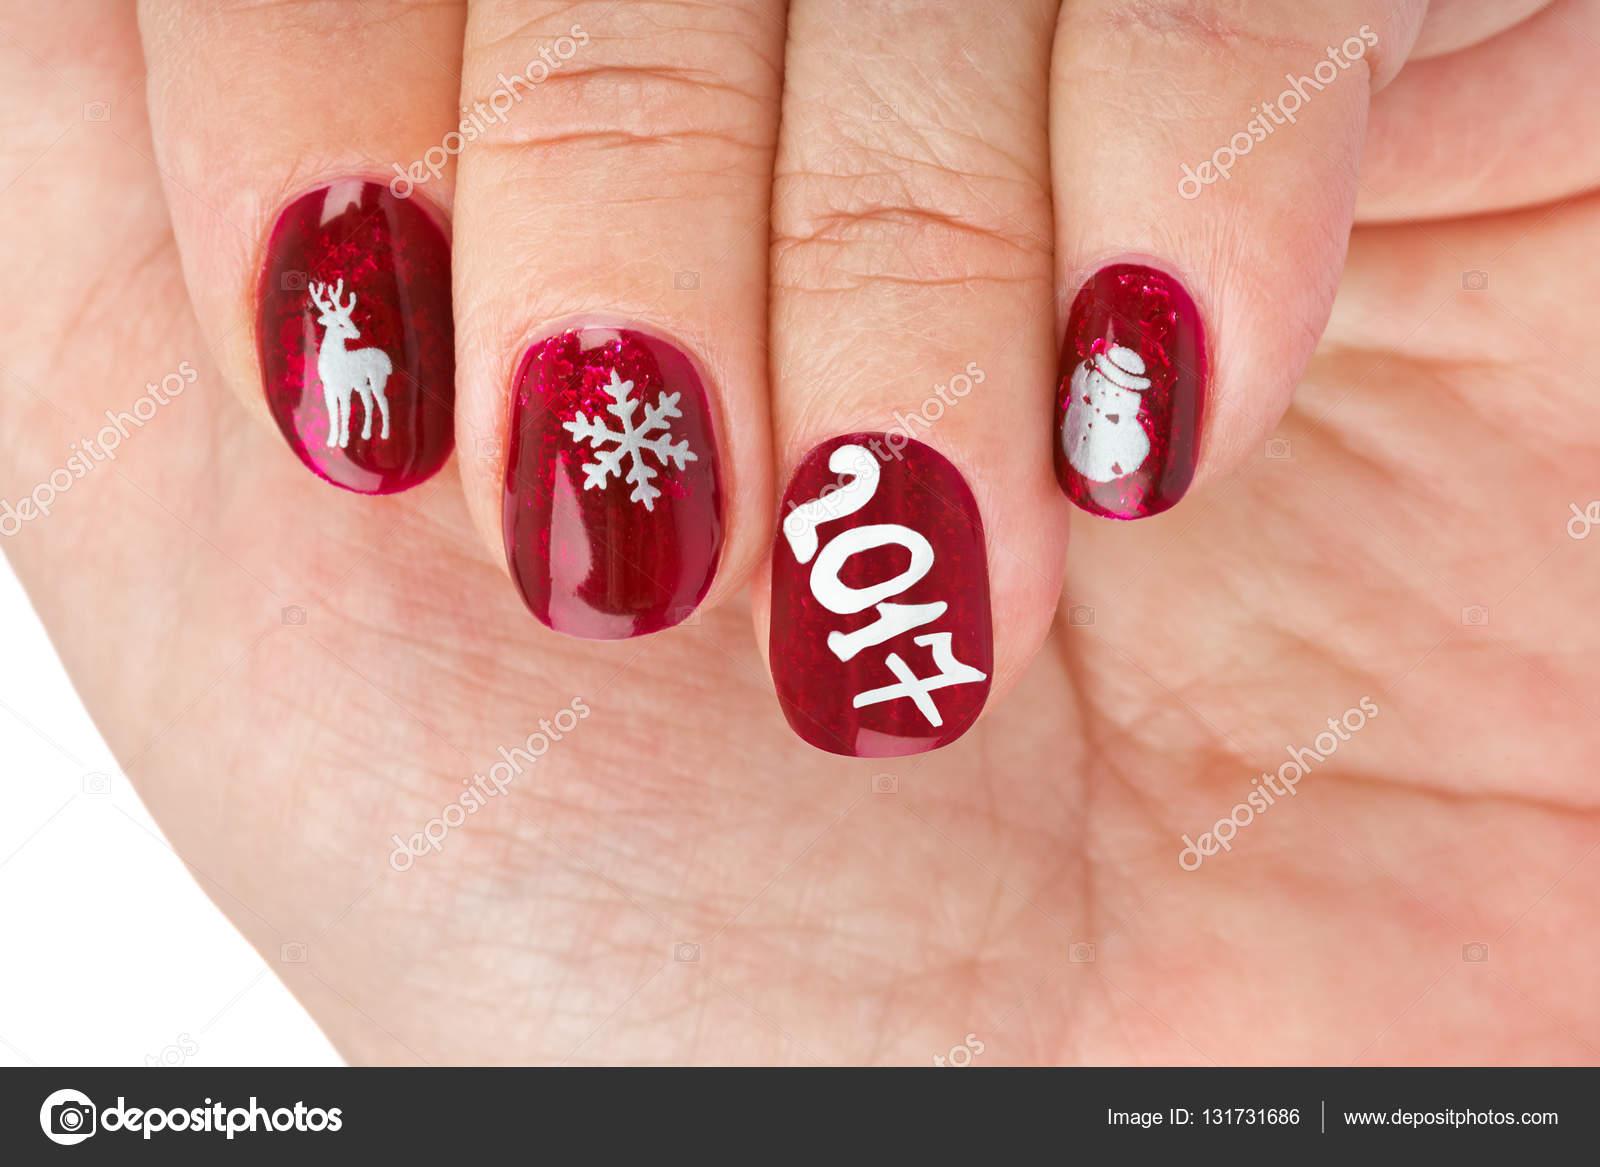 fingernagel mit weihnachten muster isoliert auf weiem hintergrund foto von violin - Muster Fr Fingerngel